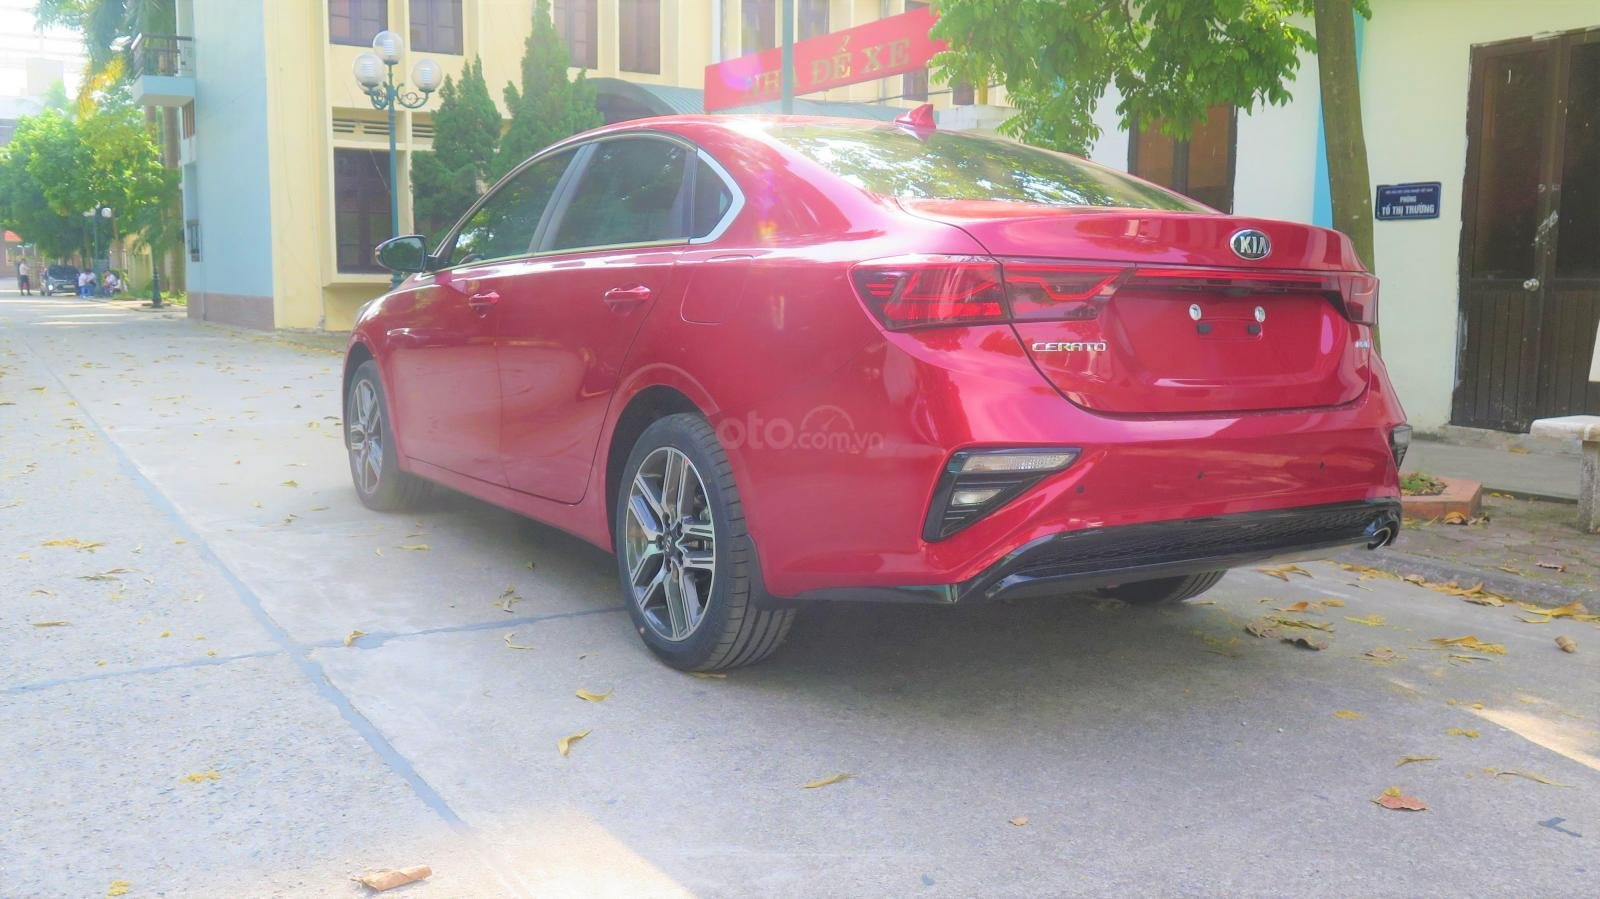 Bán xe Kia Cerato 1.6 AT Luxury SX 2019 màu đỏ giá 635 triệu (6)